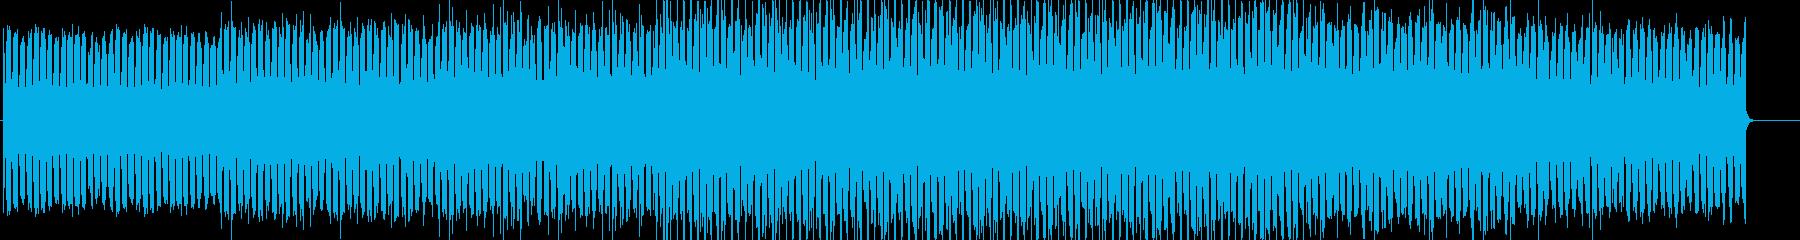 無機質で淡々としたエレクトロニカの再生済みの波形